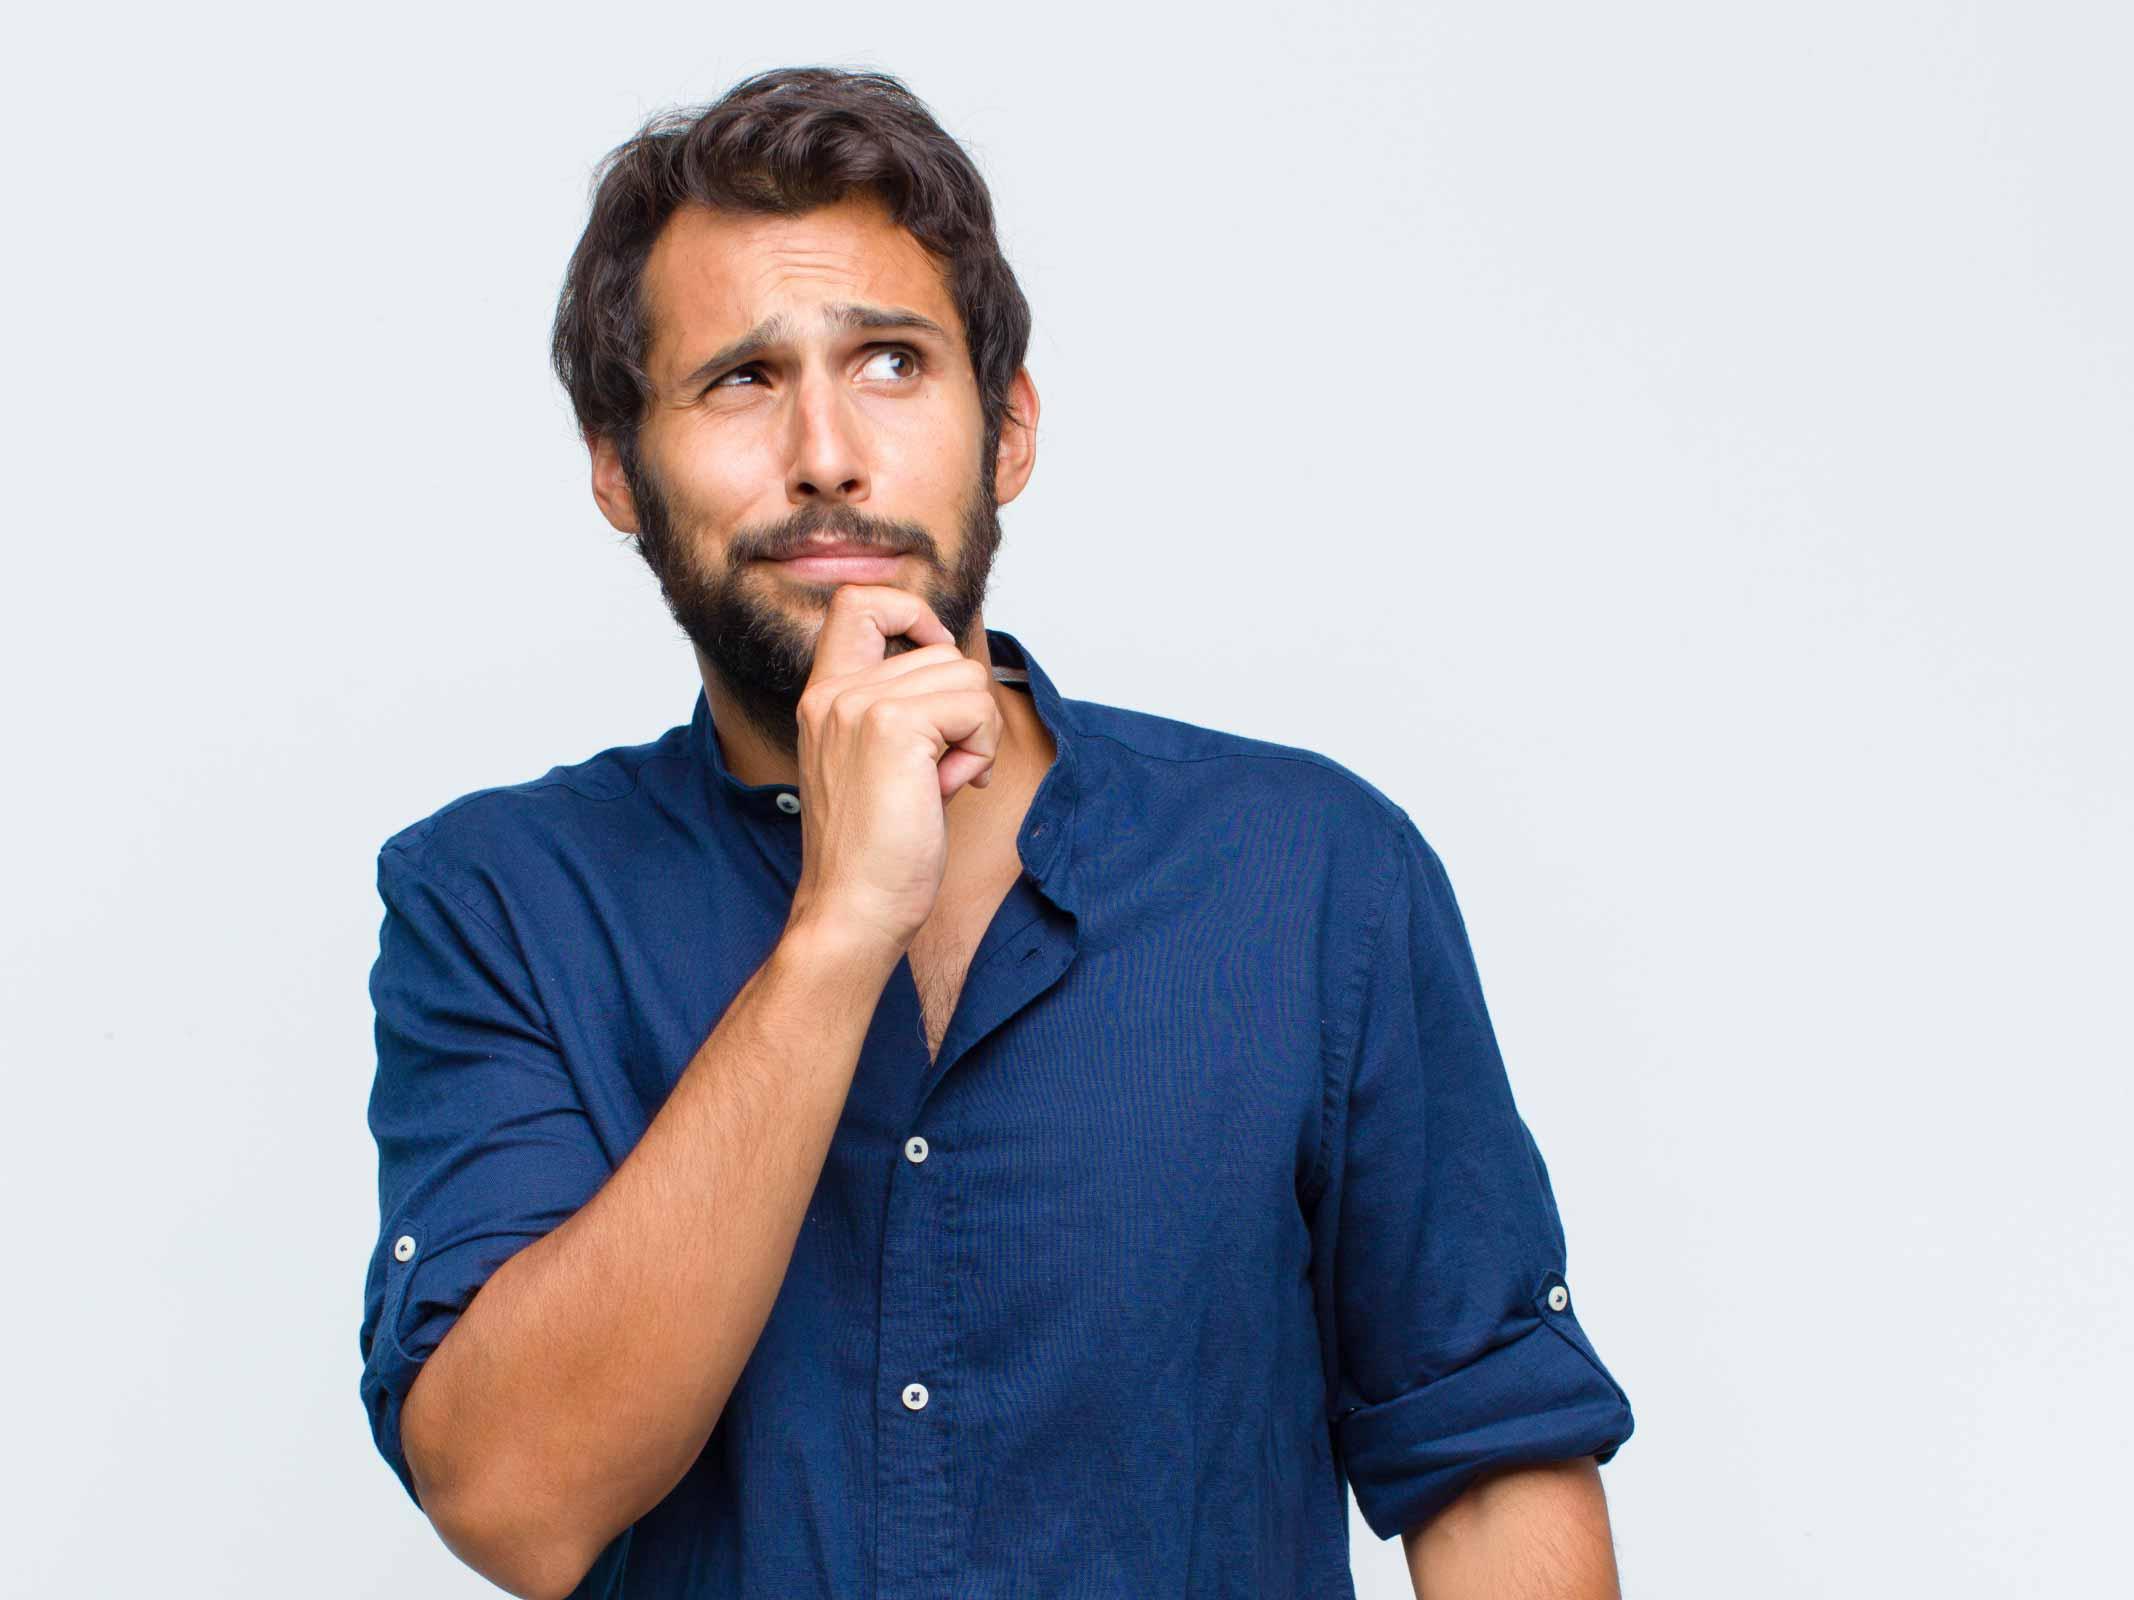 homme brun avec barbe qui se tient le menton en réfléchissant